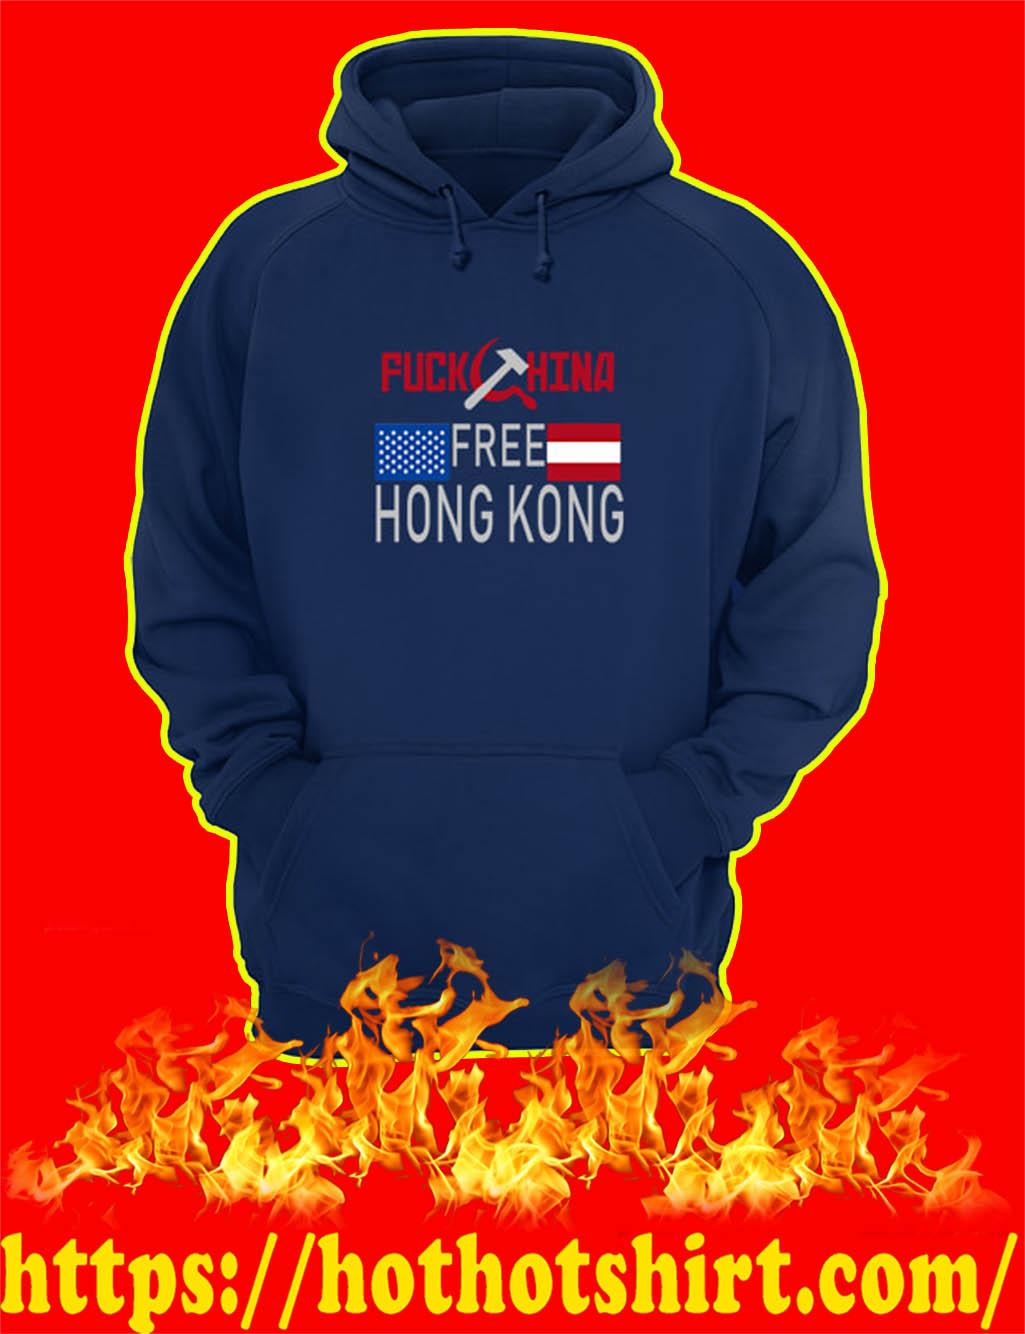 Fuck China Free Hong Kong hoodie